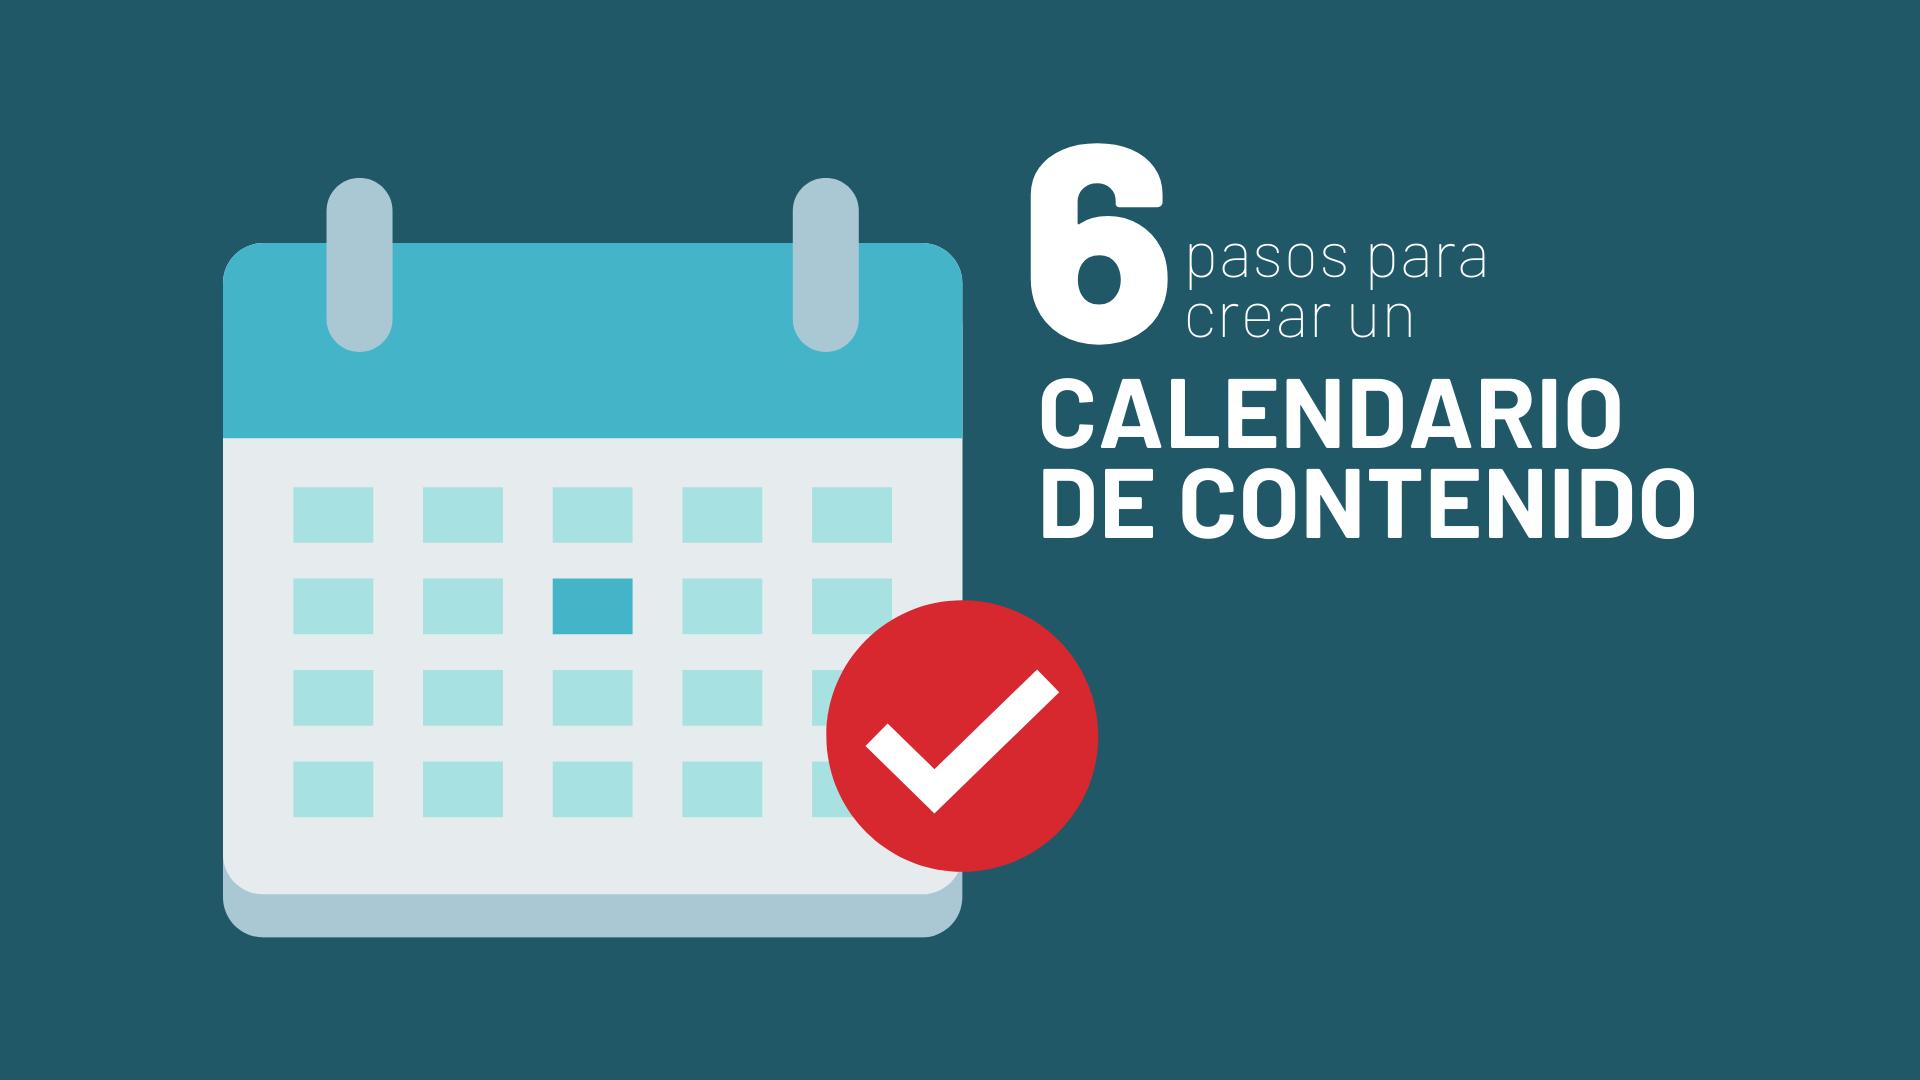 6 pasos para crear un calendario de contenido